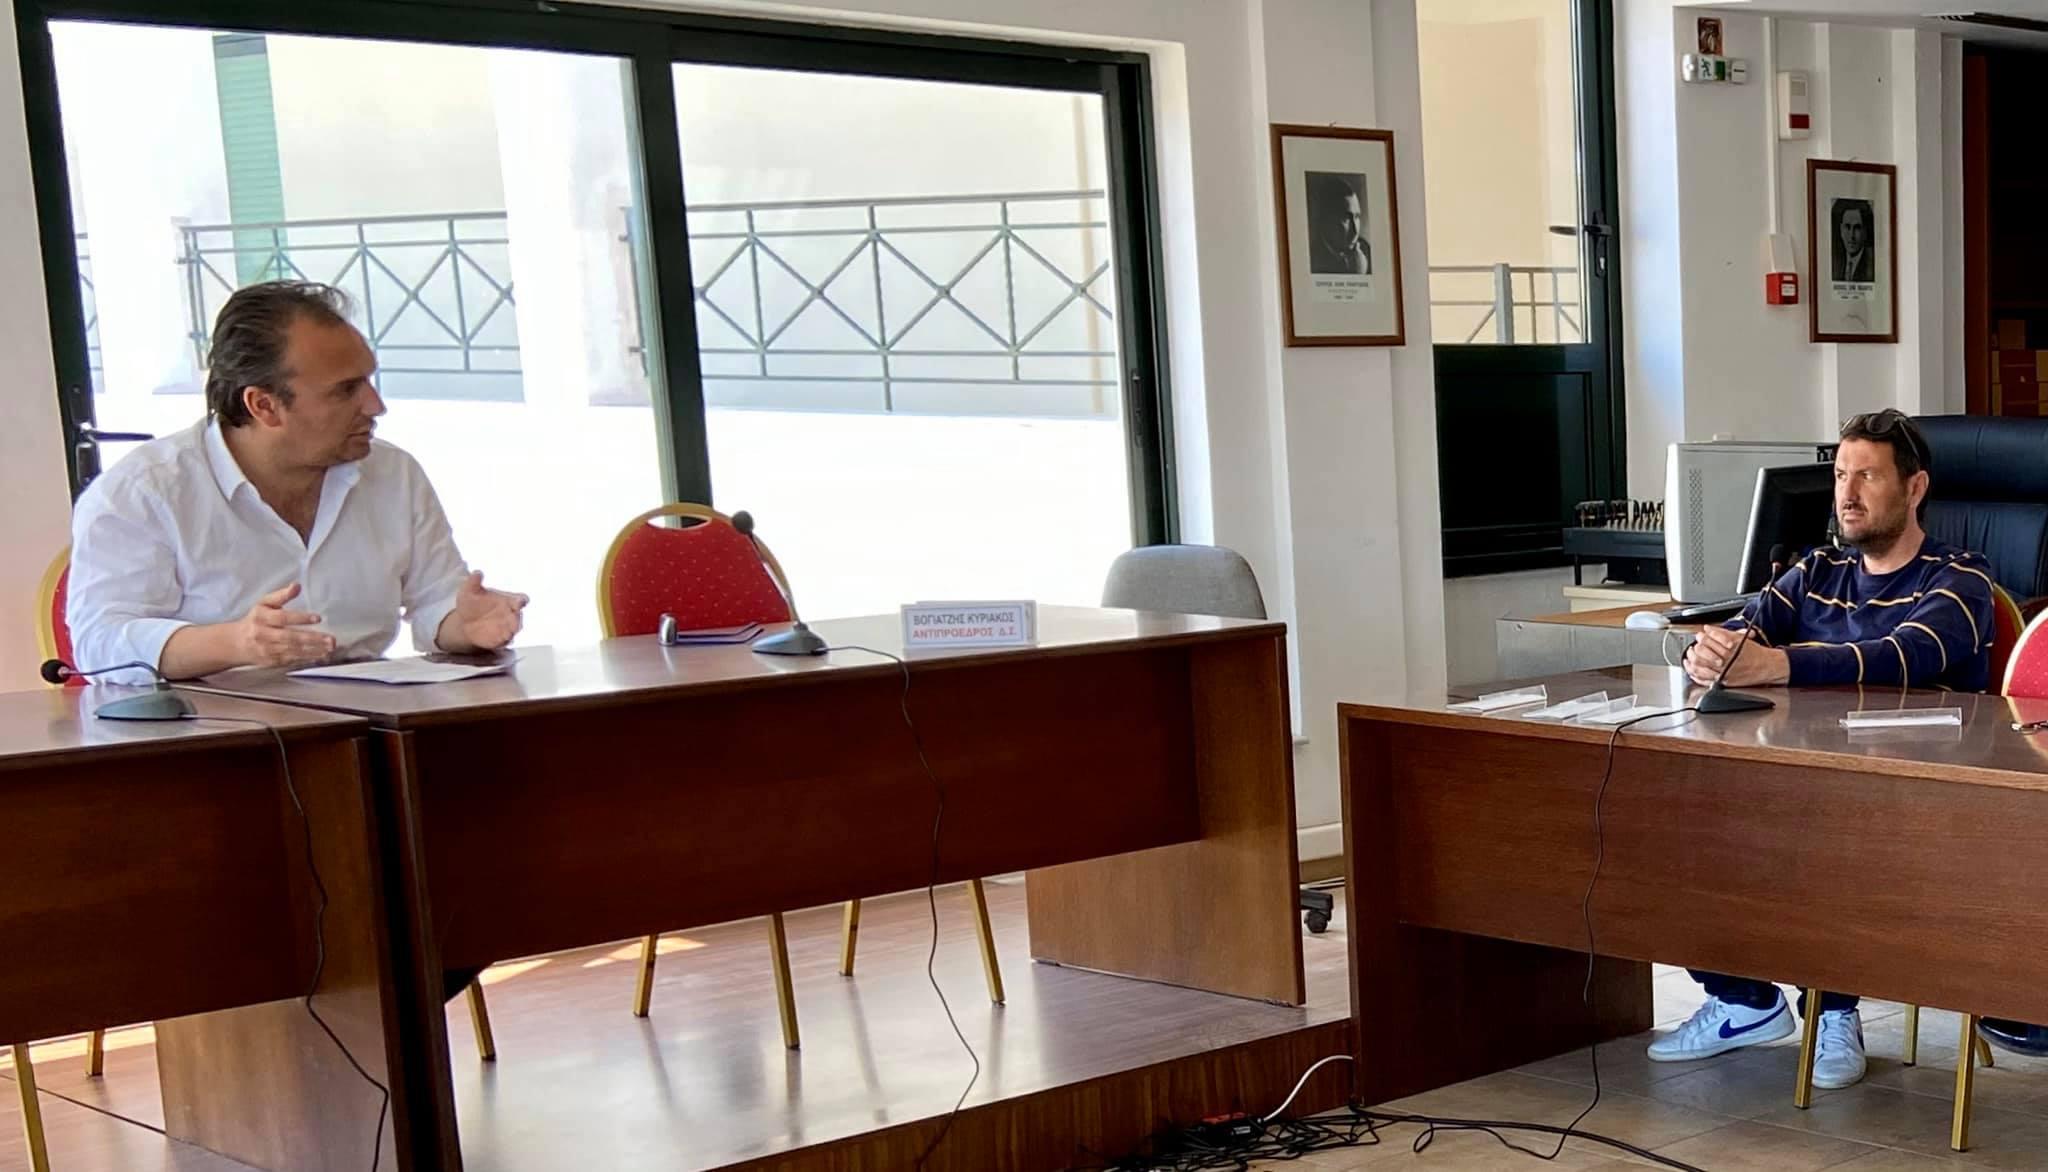 , Δήμος Ιστιαίας Αιδηψού: Οικονομική επιτροπή με επίκεντρο τον Θερμοπόταμο και τους αύλειους χώρους των σχολείων, Eviathema.gr | ΕΥΒΟΙΑ ΝΕΑ - Νέα και ειδήσεις από όλη την Εύβοια